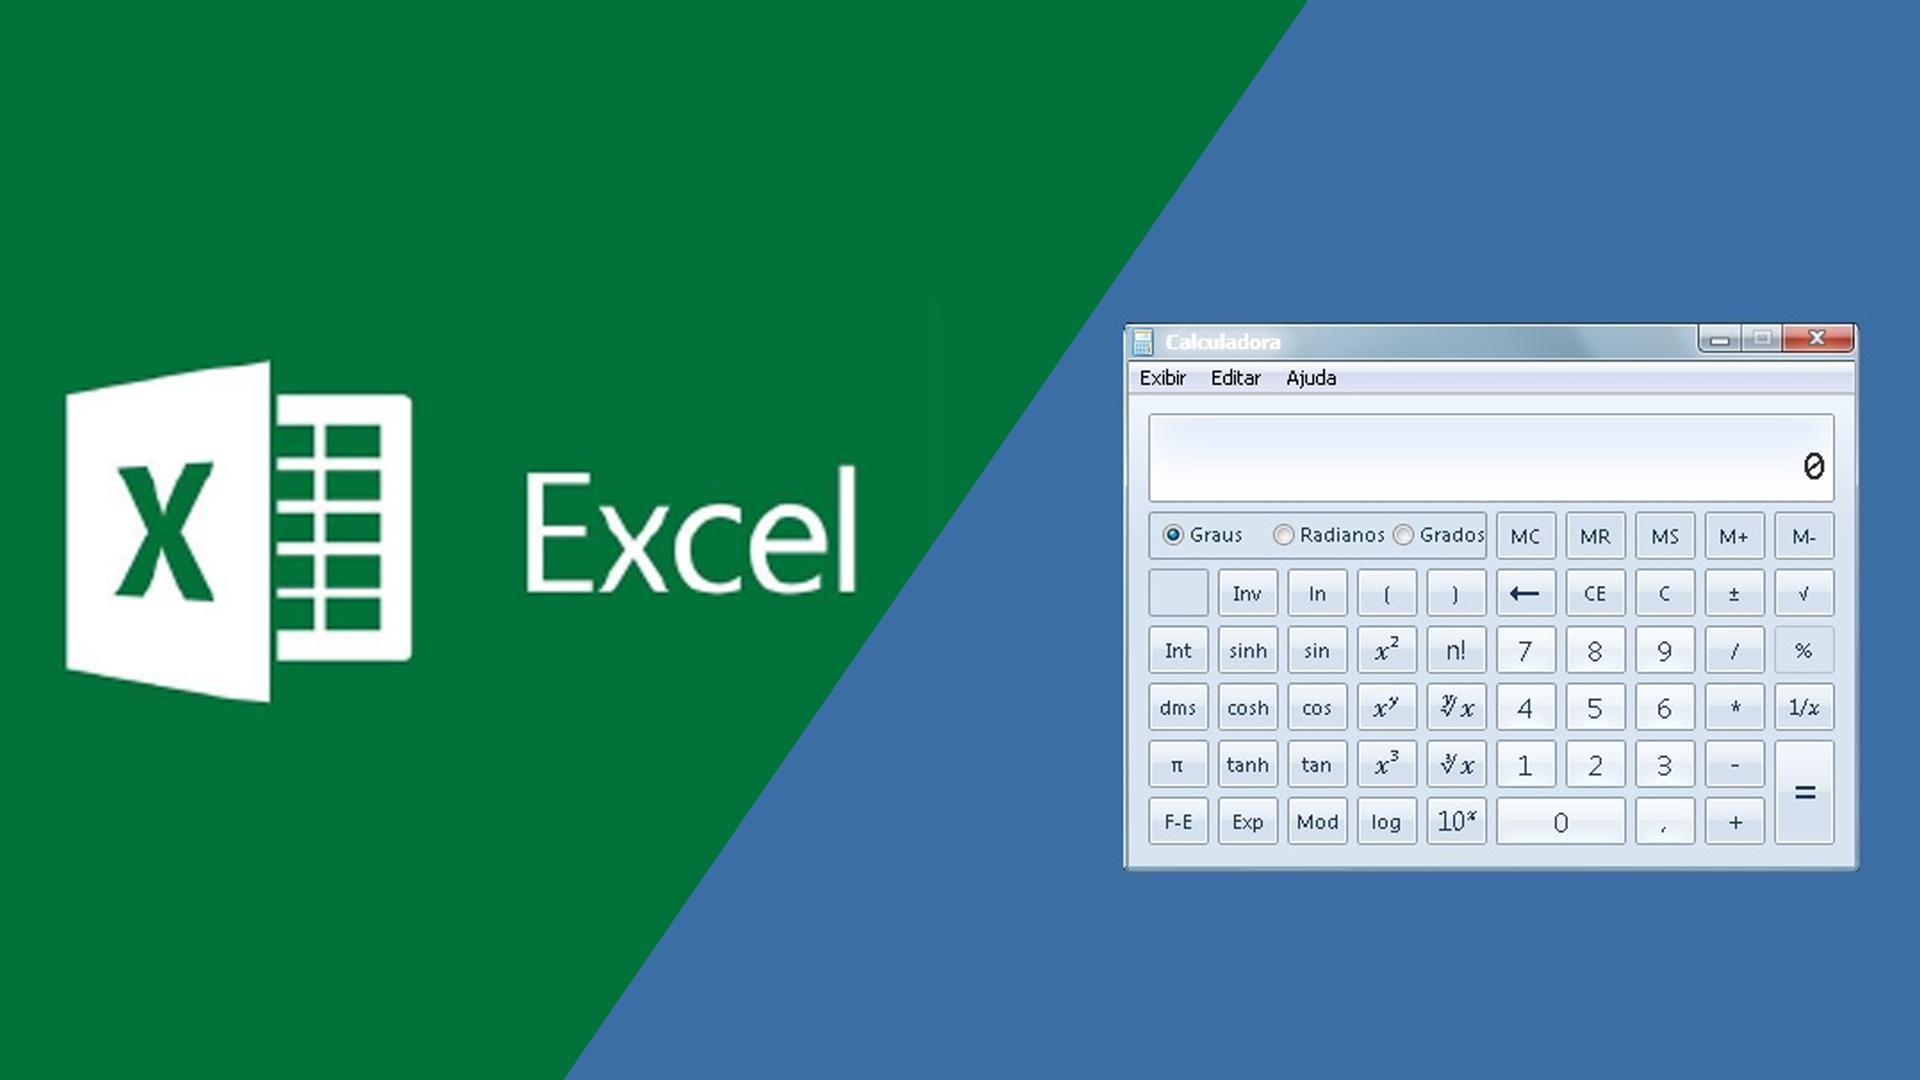 Curso Estude Matemática com Ajuda do Excel